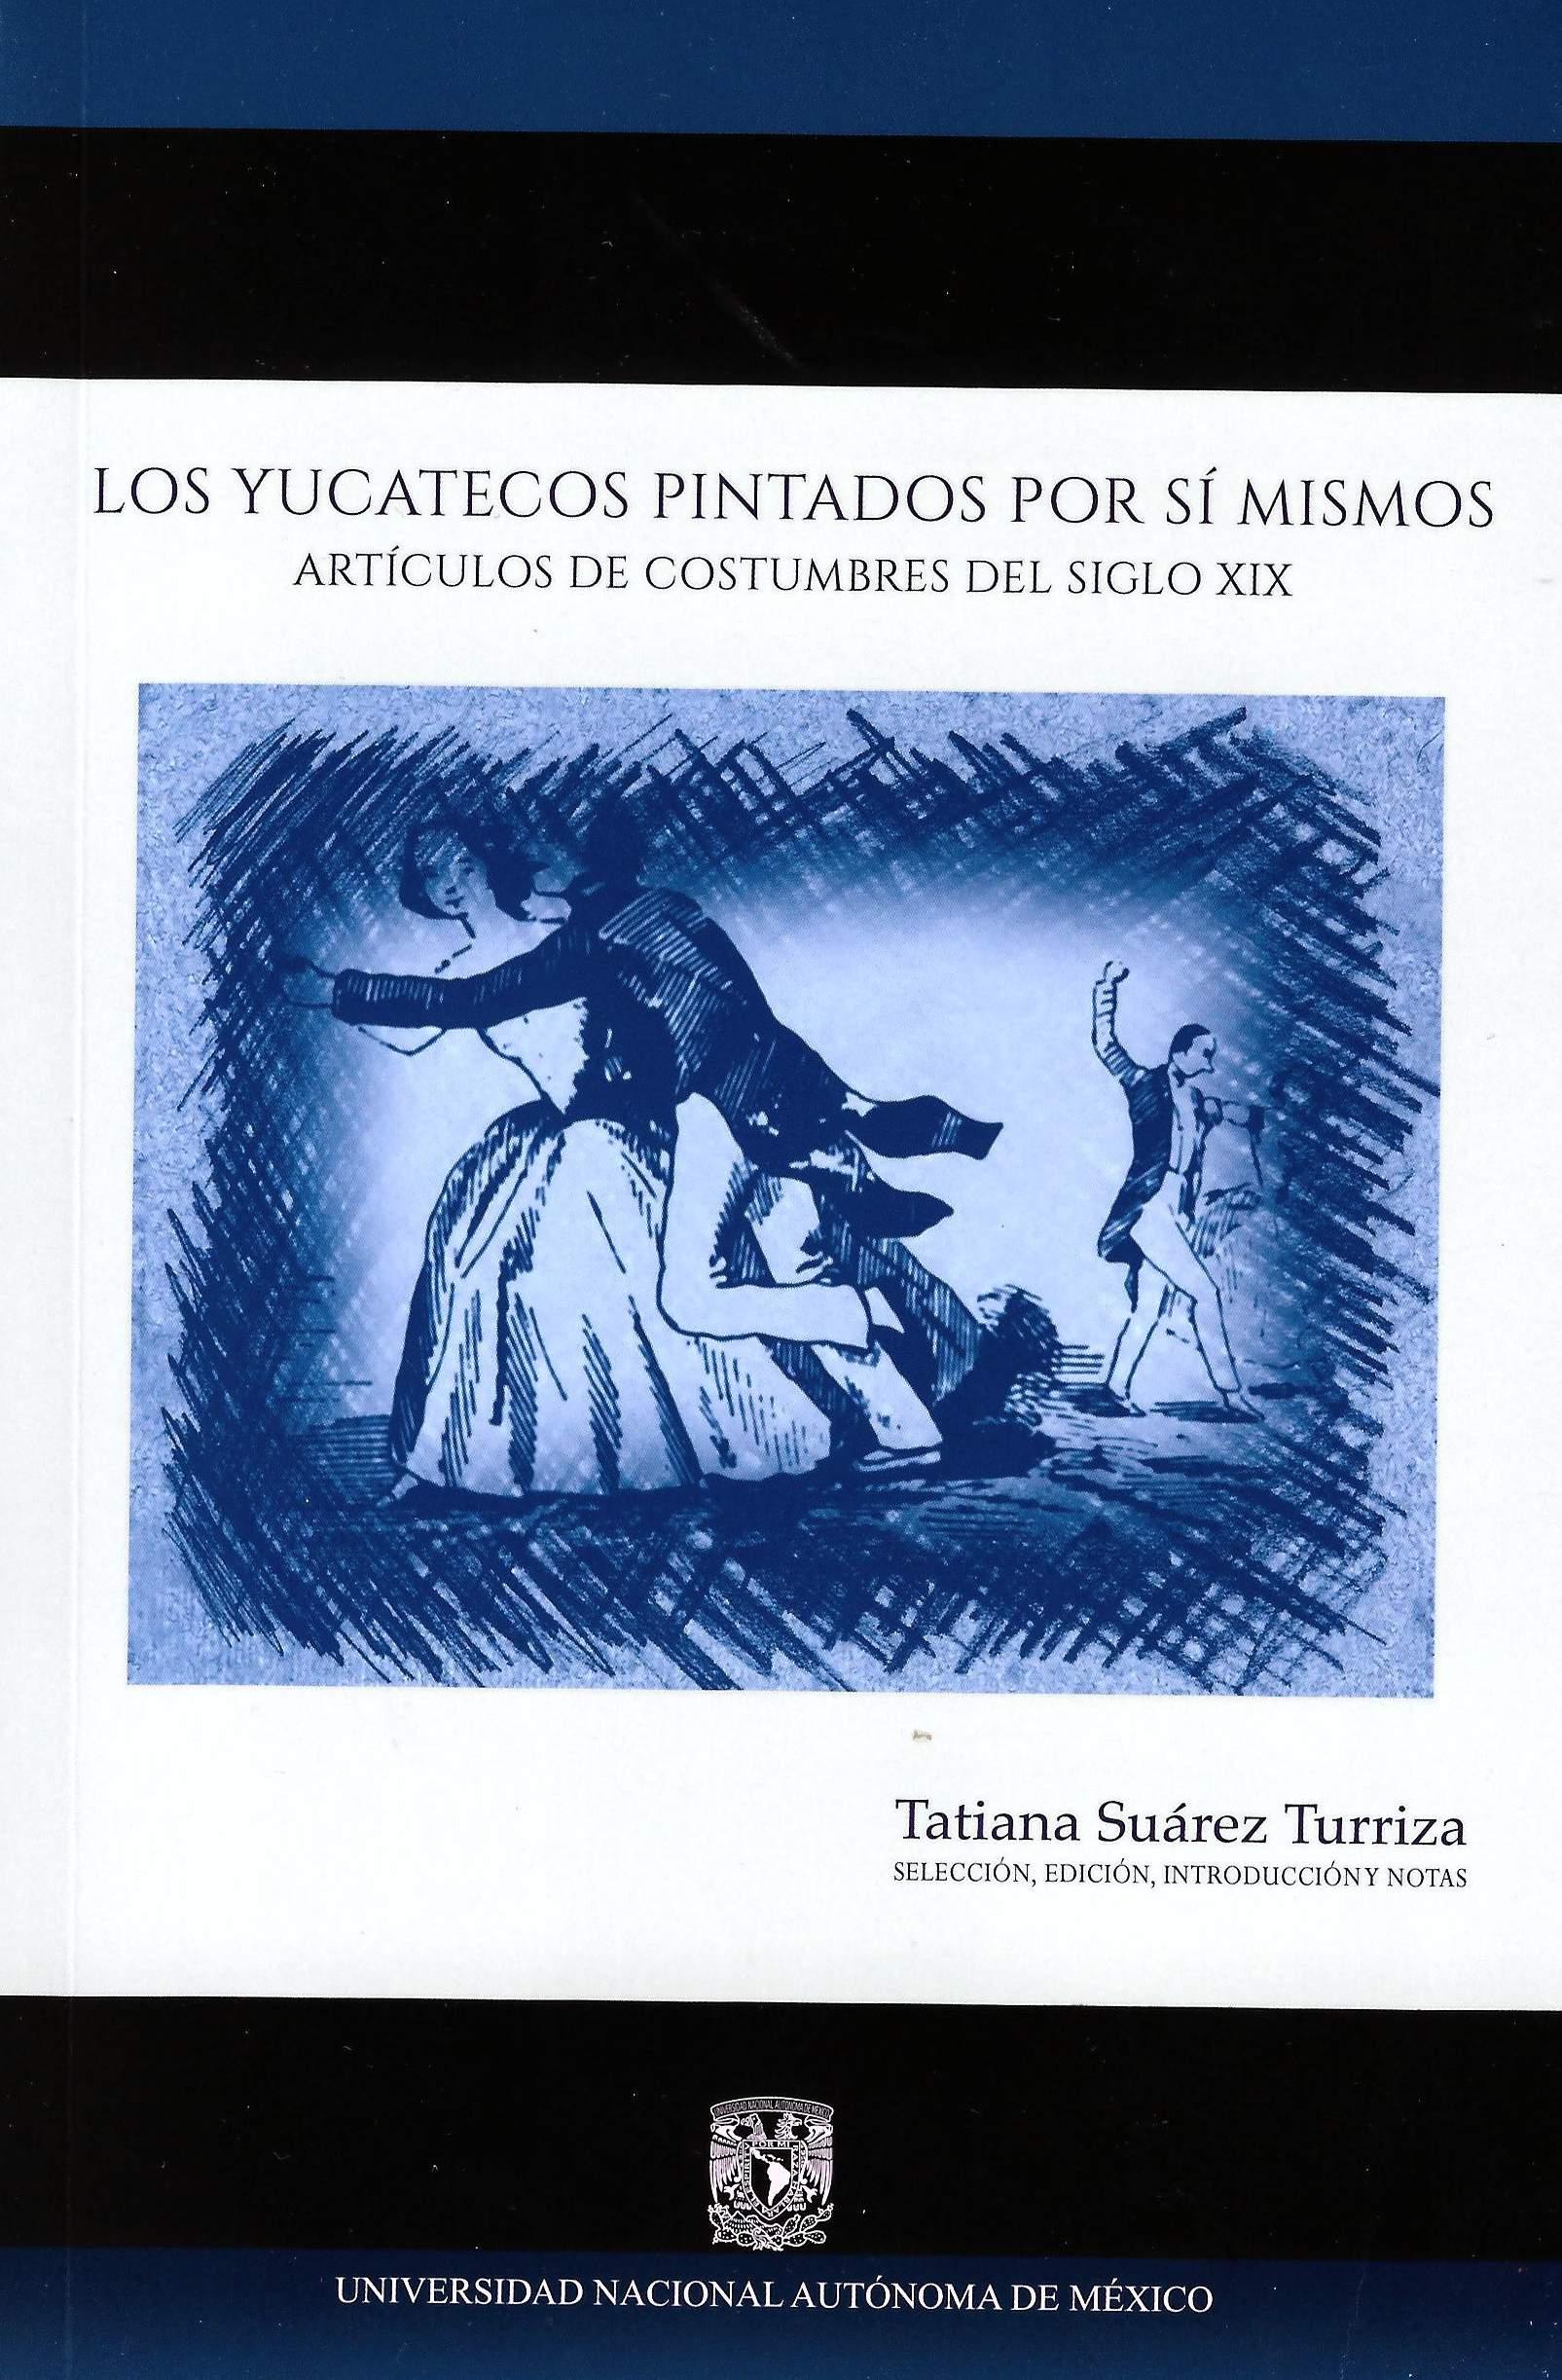 Los yucatecos pintados por sí mismos. Artículos de costumbres de Yucatán en el siglo XIX